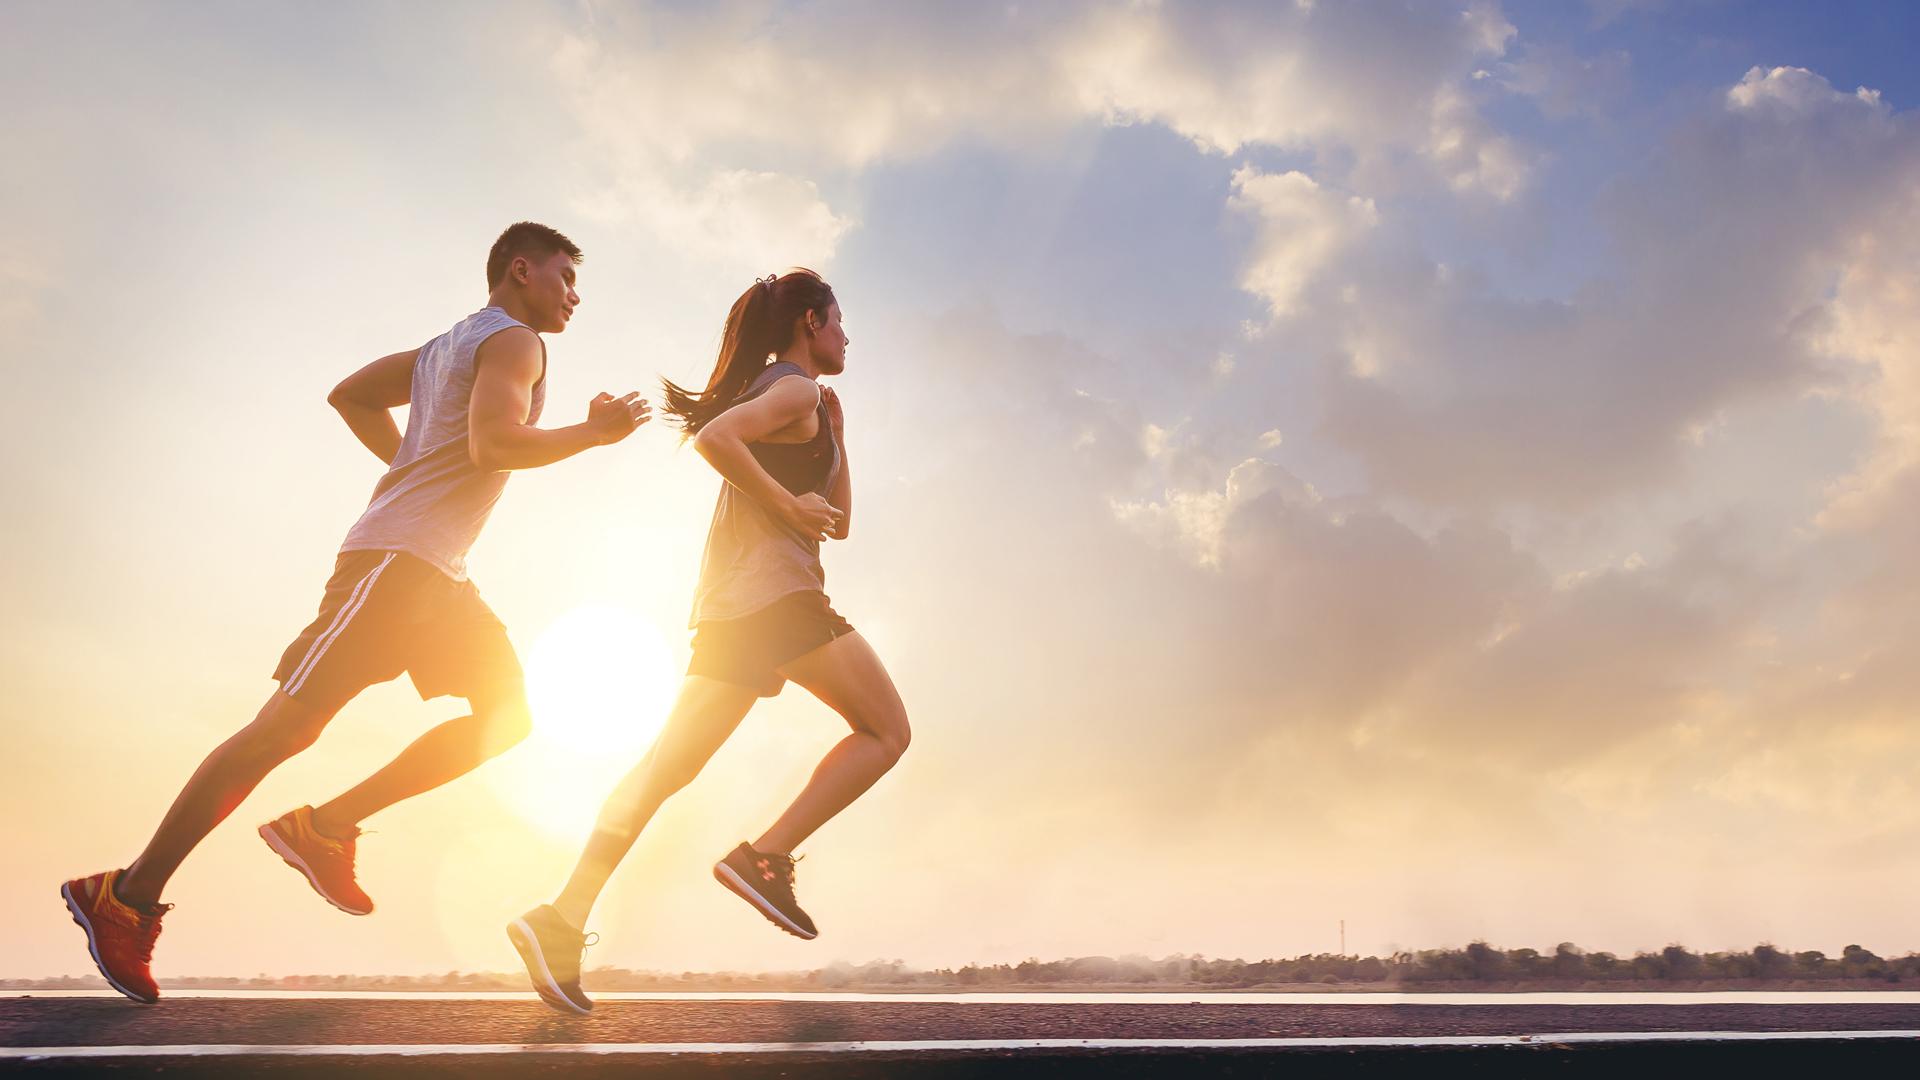 Giải đáp chạy bộ có giảm cân không